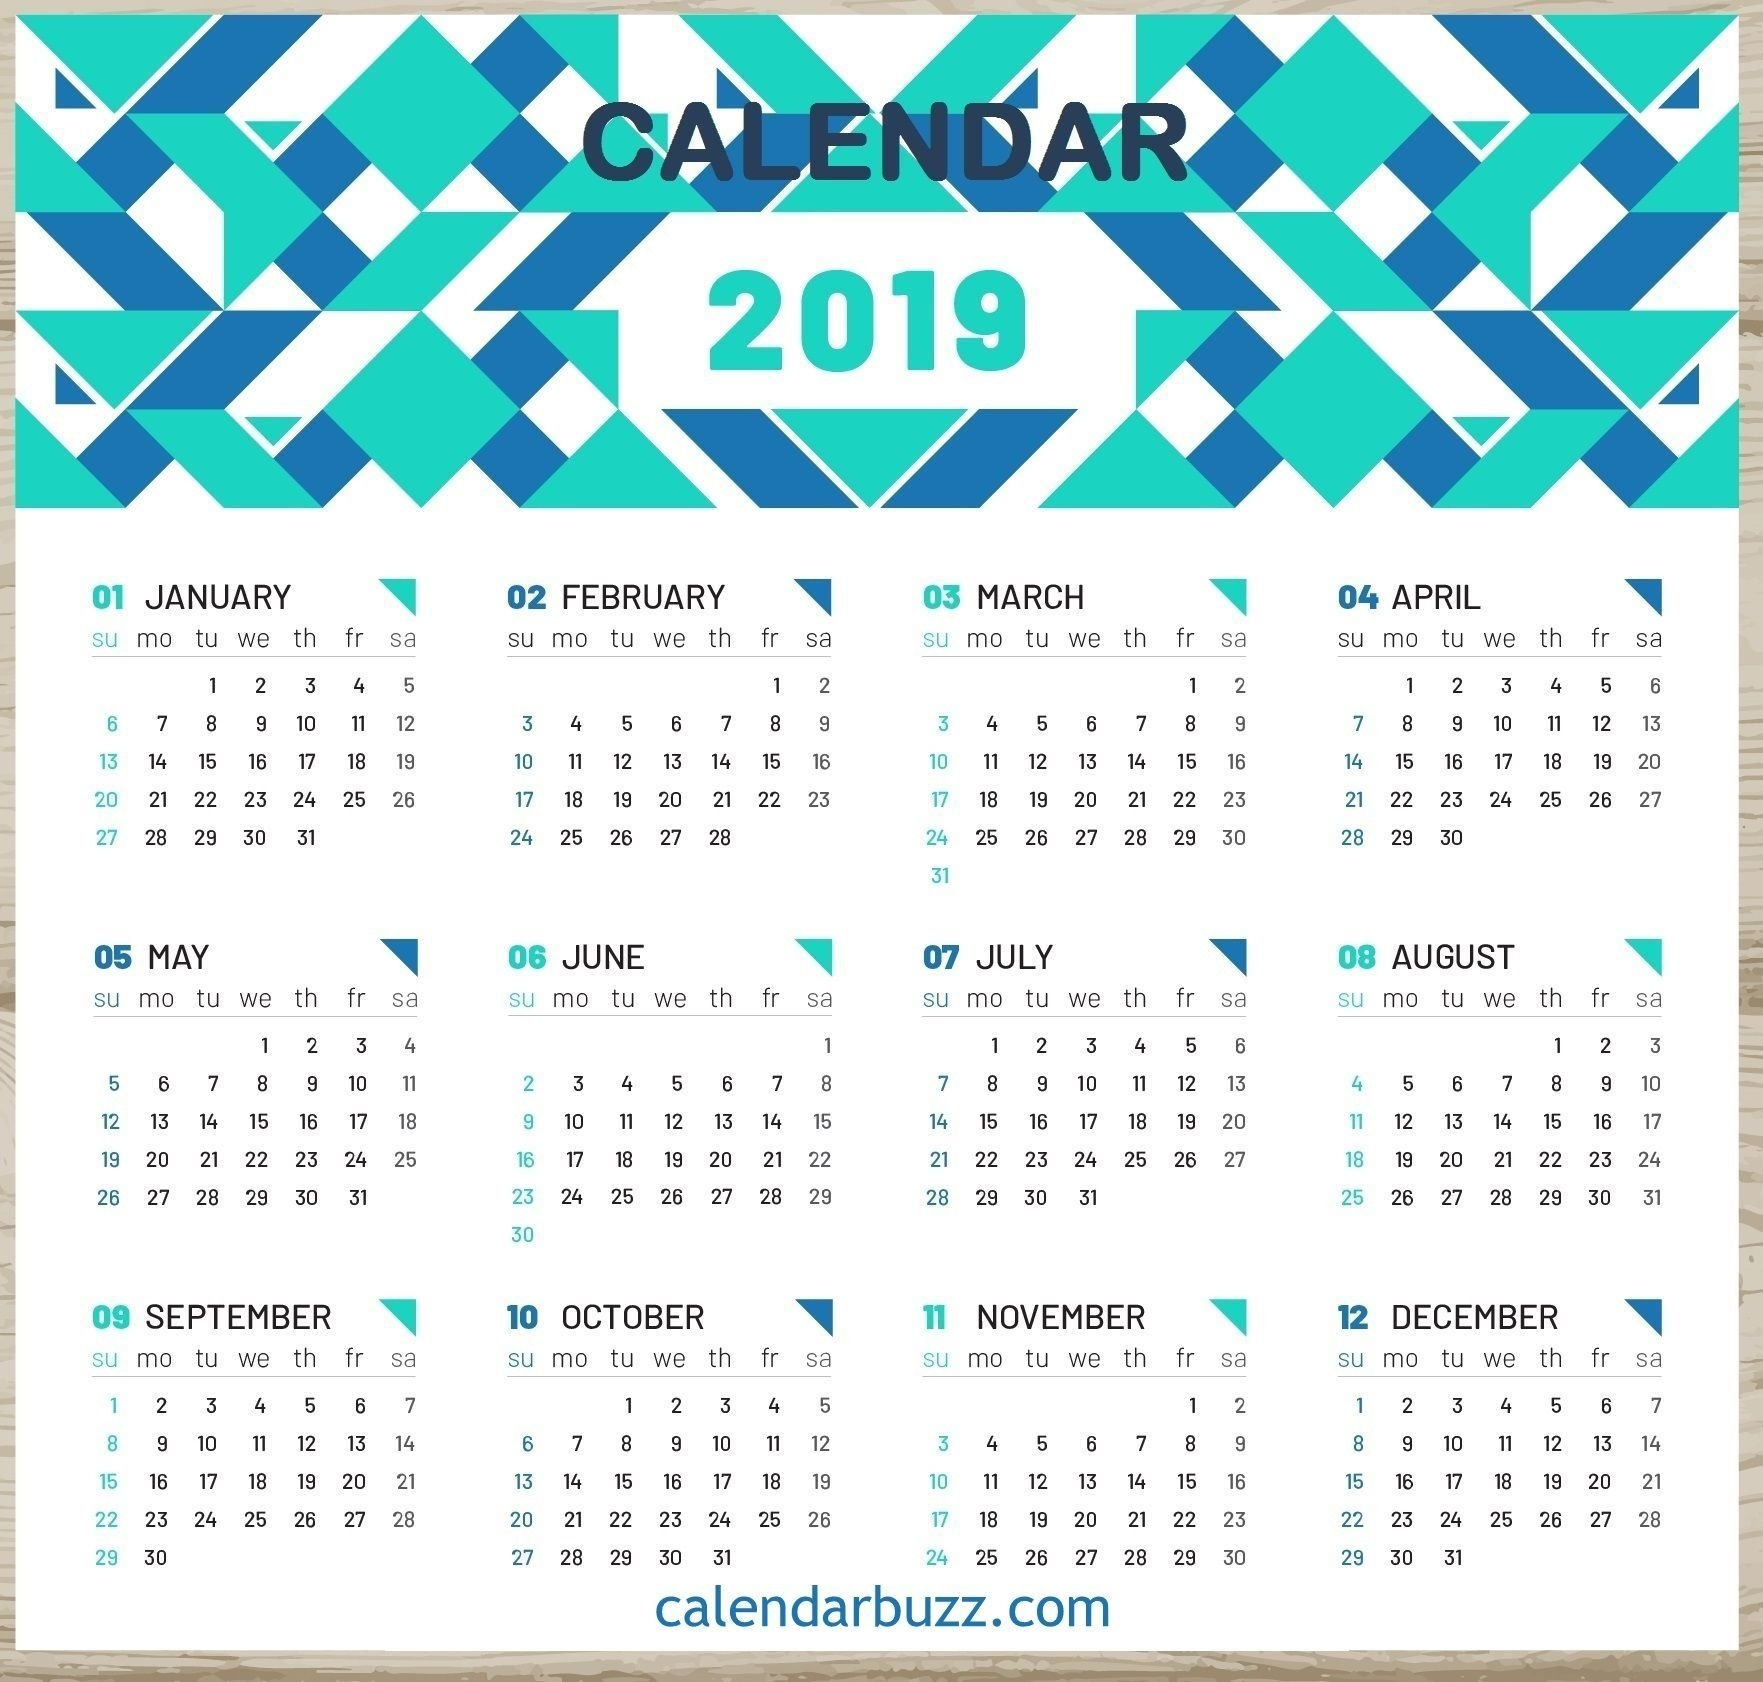 2019 One Page Desk Calendar   2019 Calendars   Calendar, 2019 Discover 5 Calendar 2019